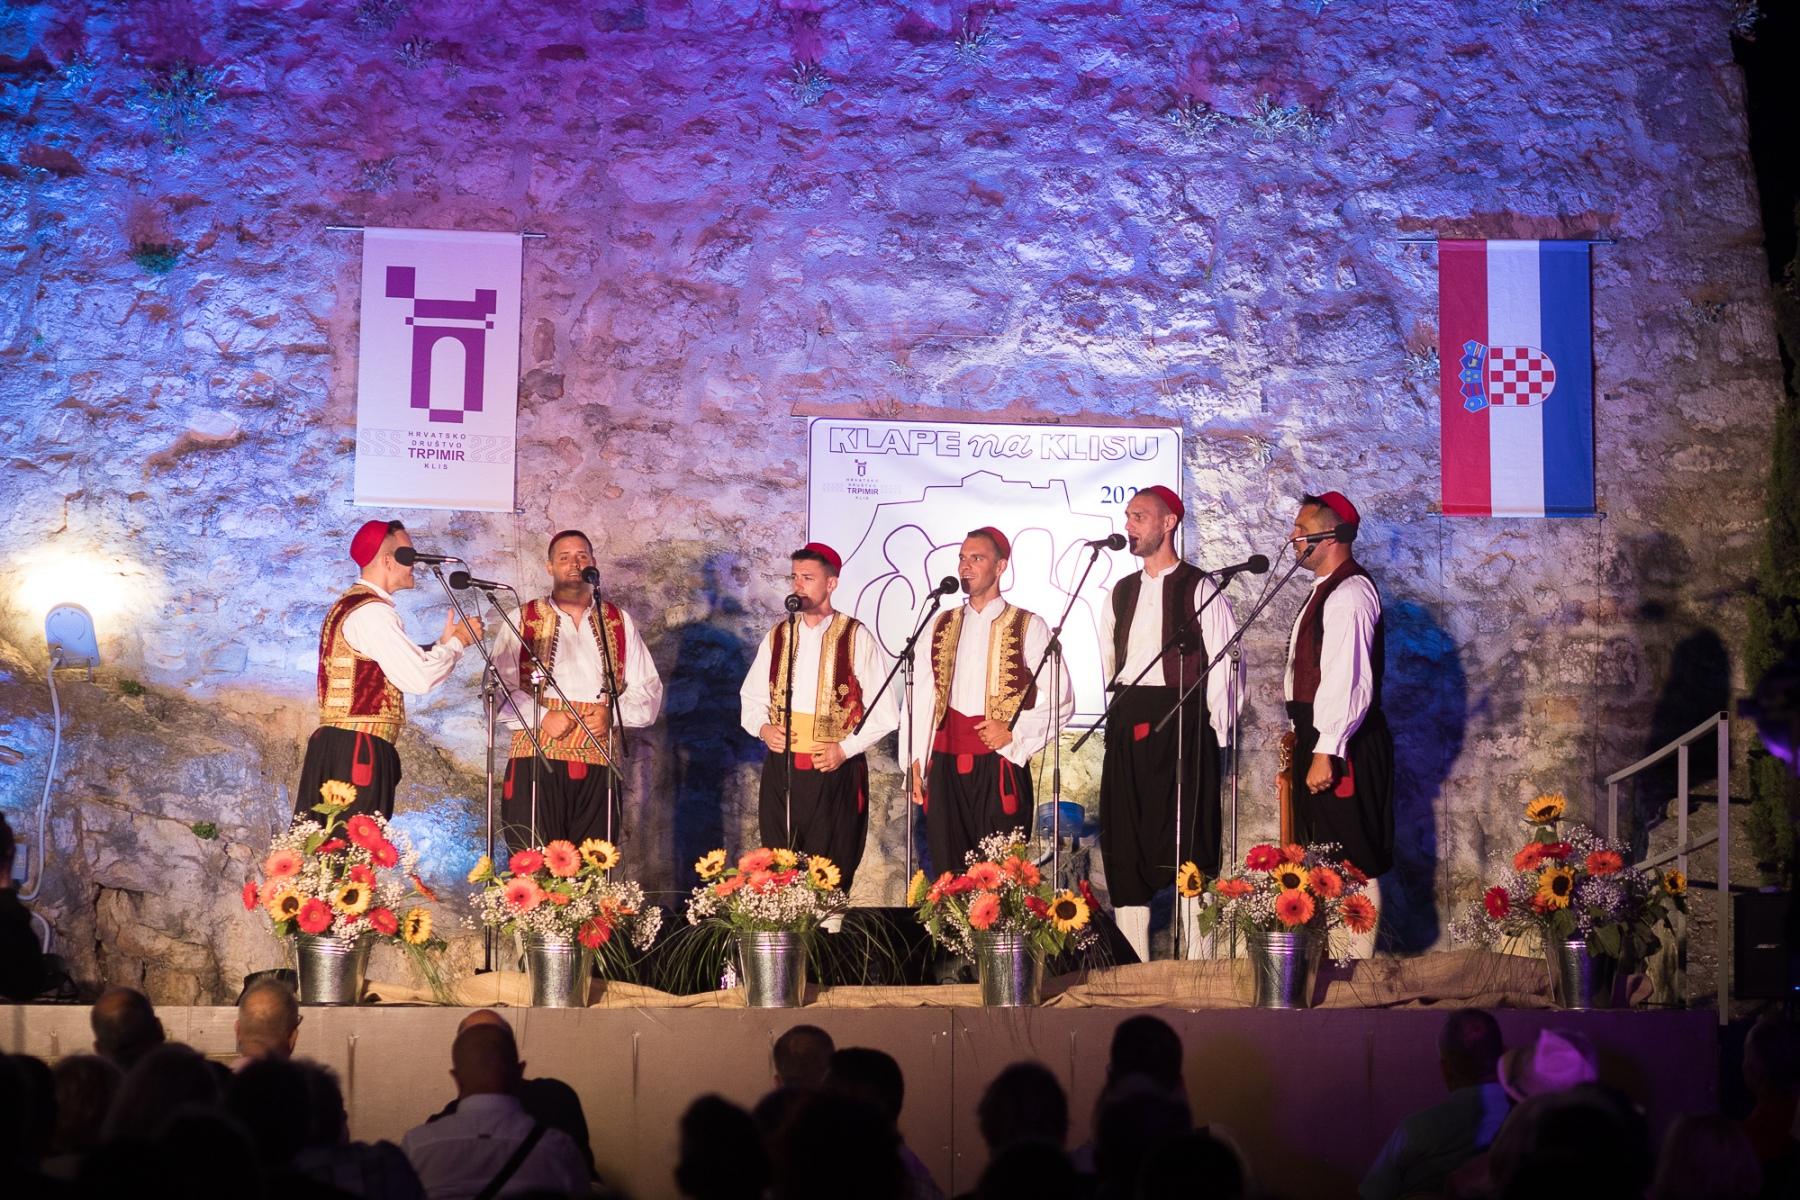 Klapa-Kaše_Dubrovnik